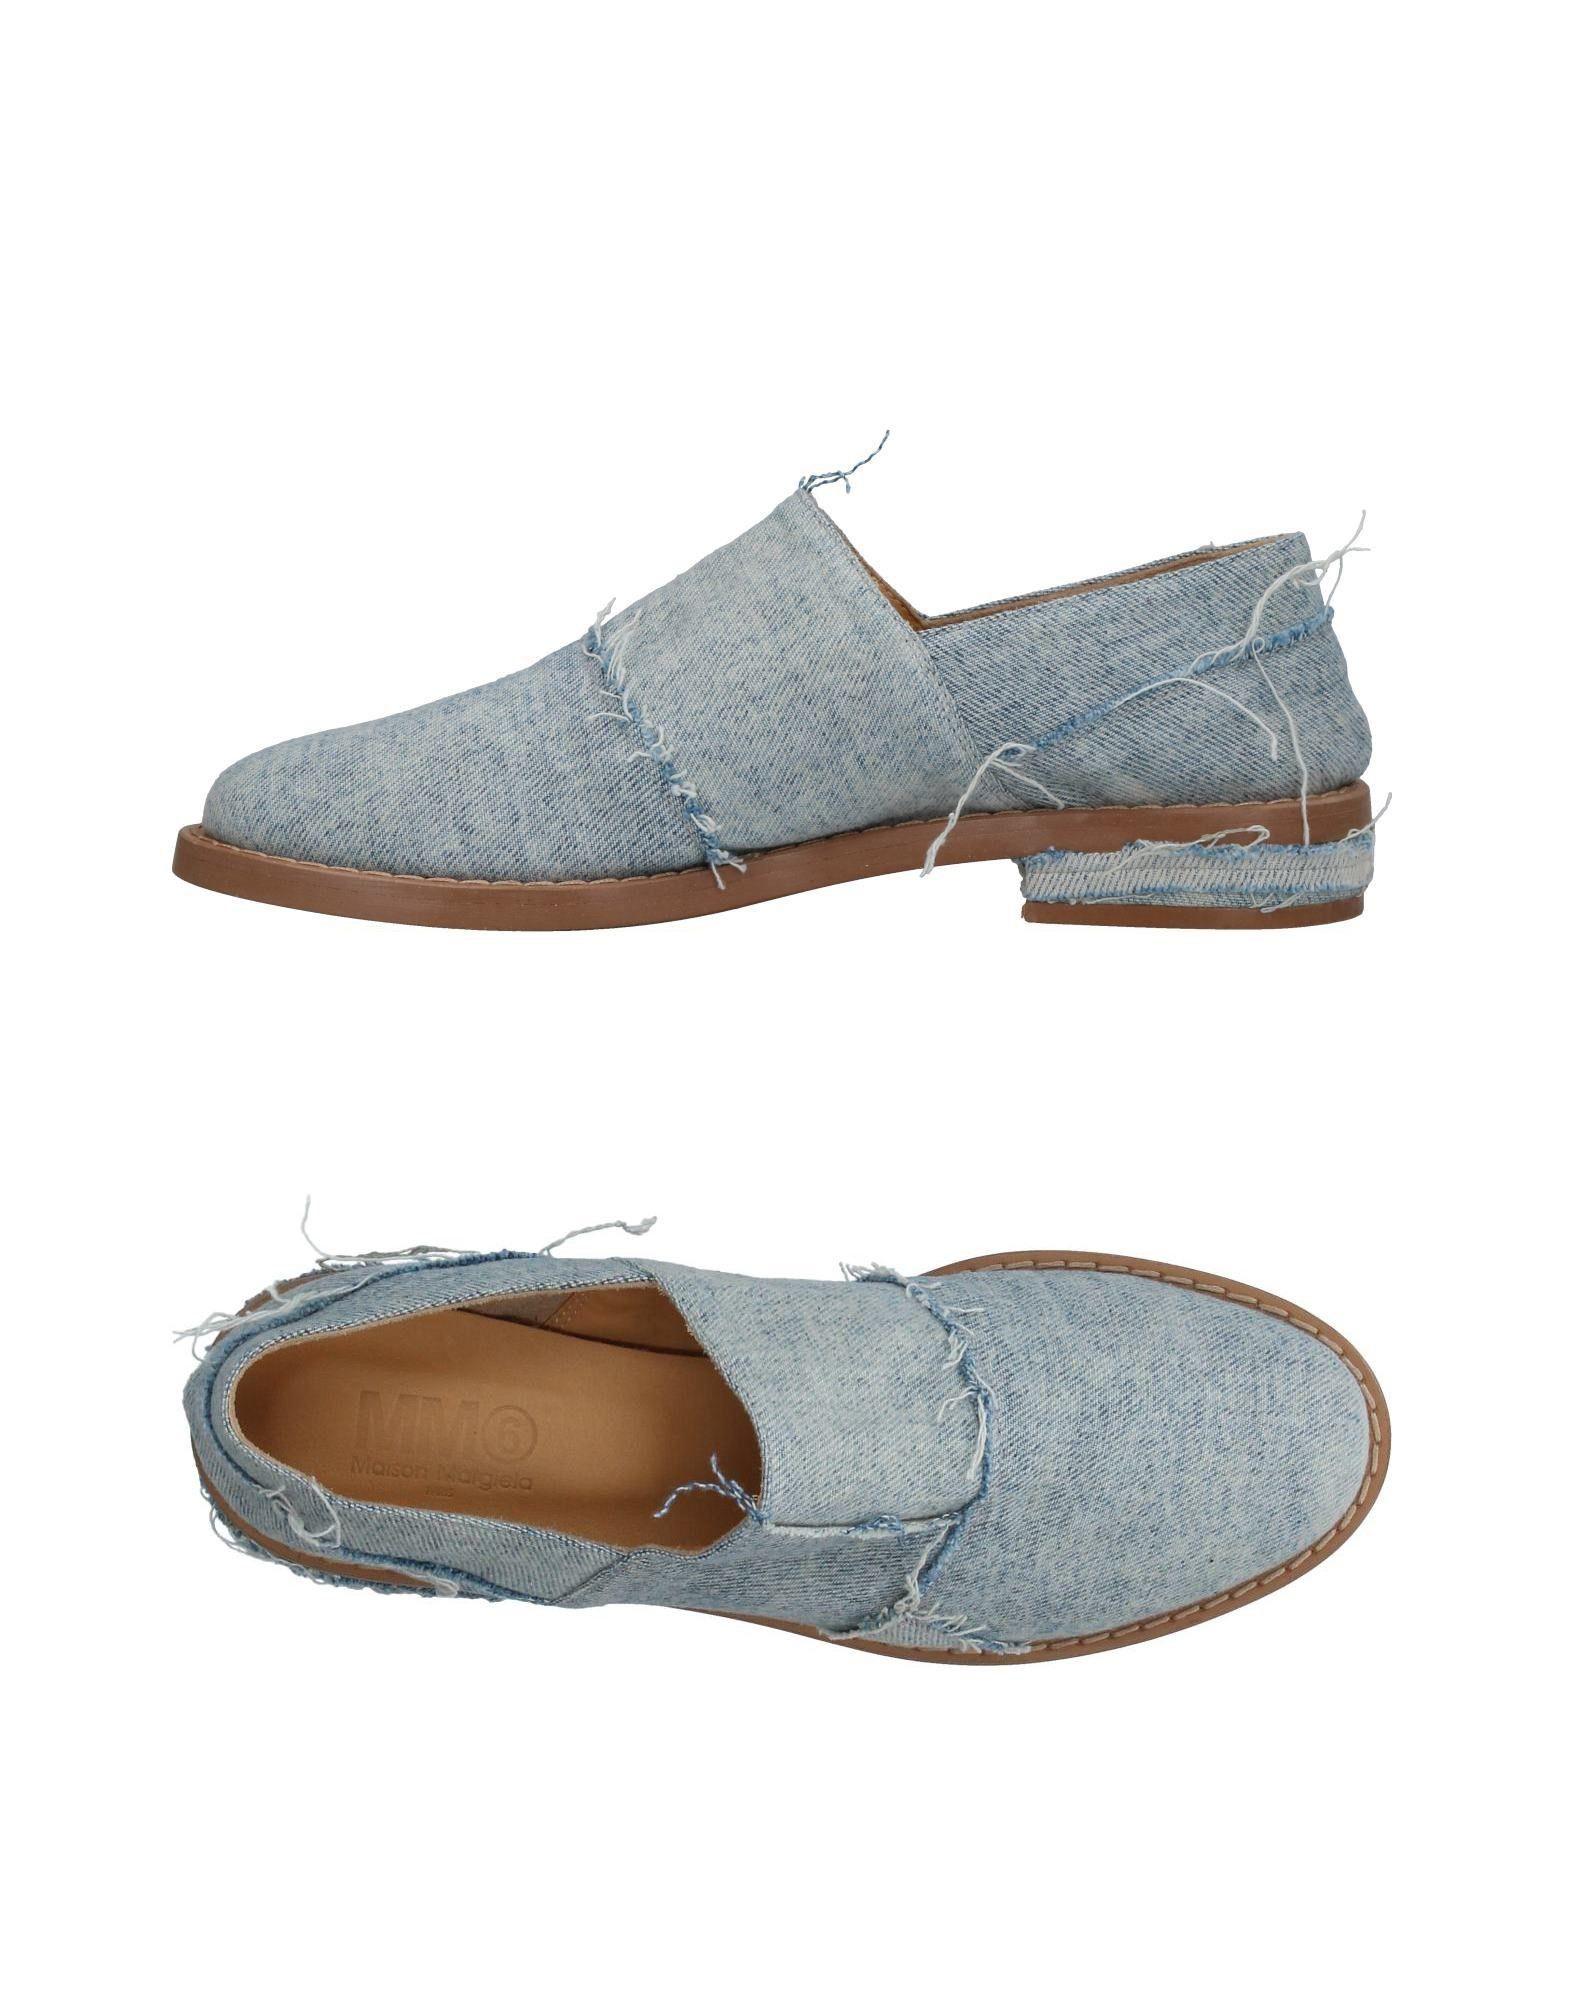 Mm6 Maison Margiela 11403475CJ Sneakers Damen  11403475CJ Margiela Neue Schuhe 14d6d3